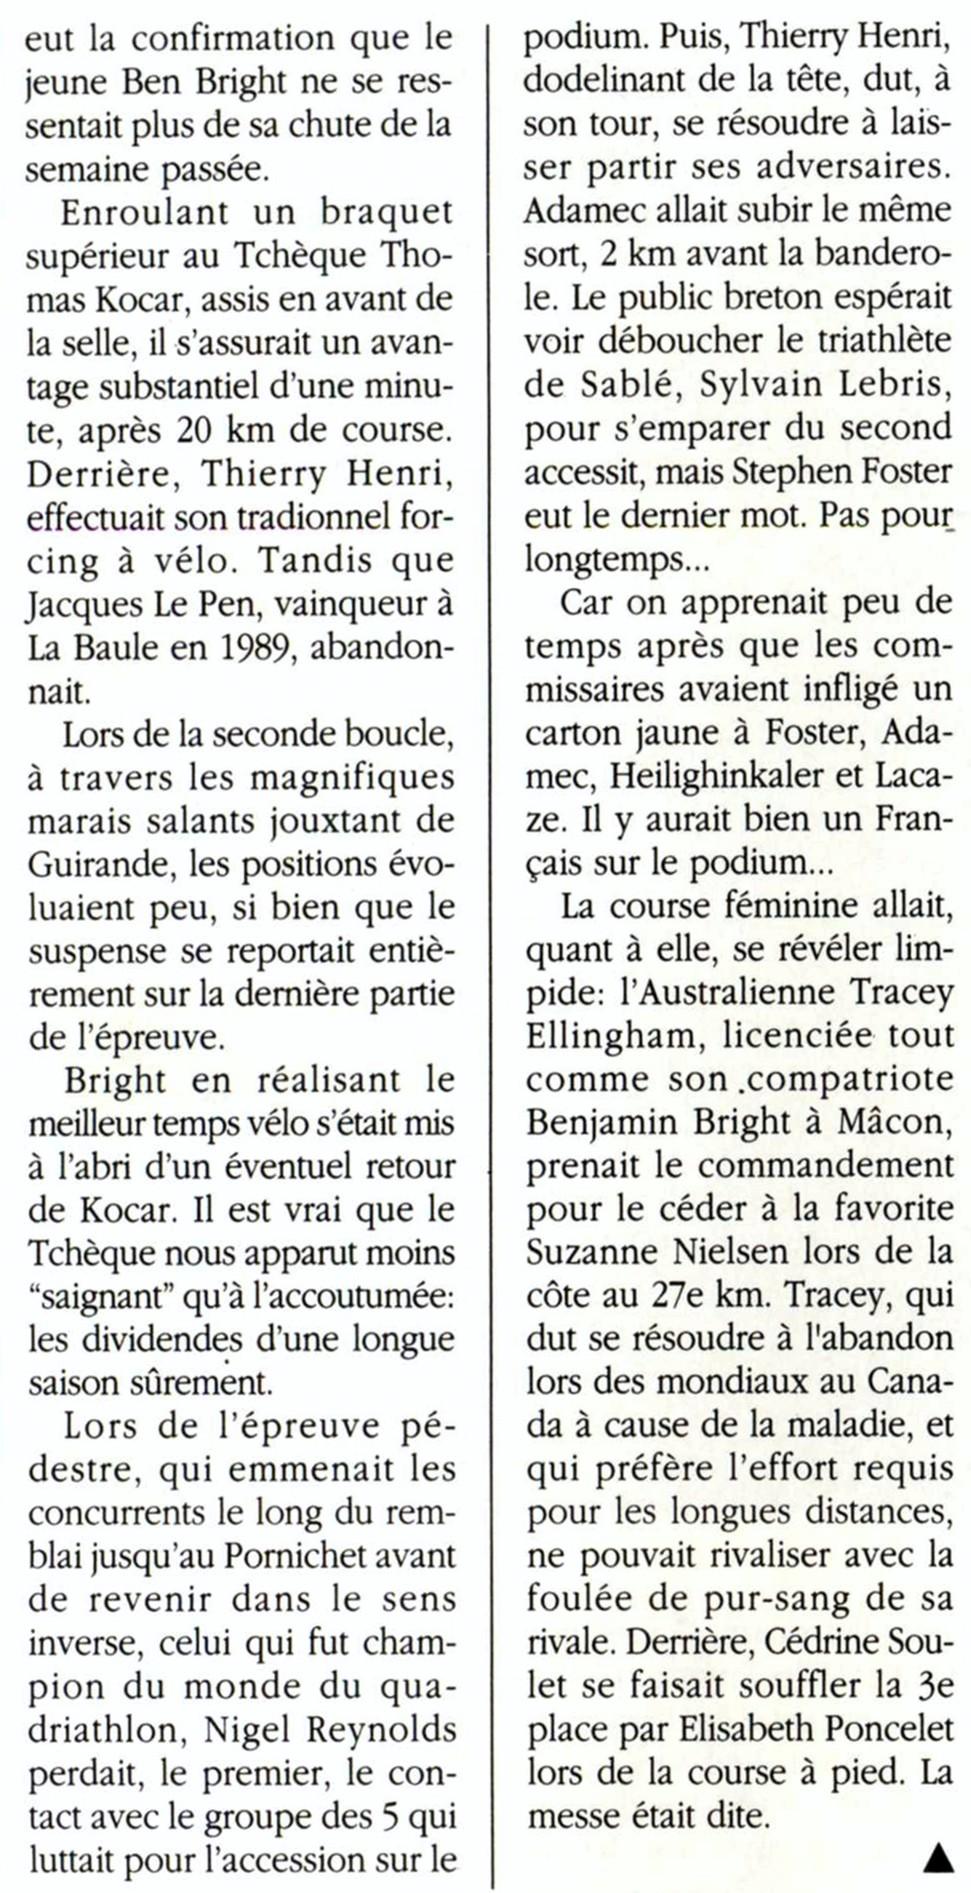 img[A]268_20-septembre-1992_la-baule